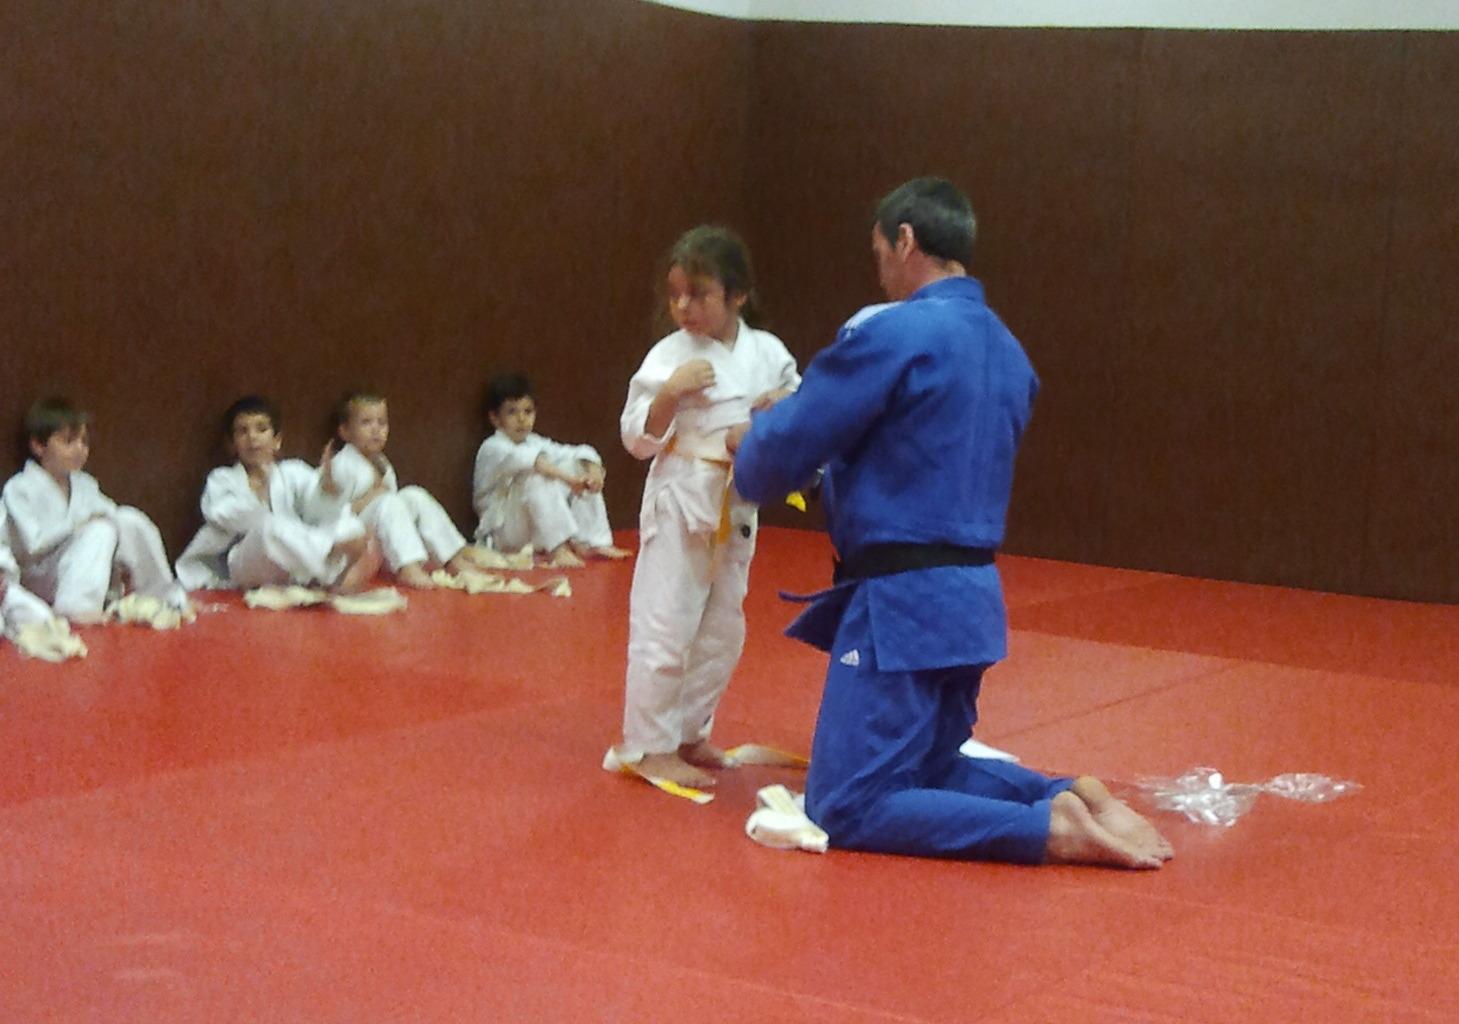 Passage de la ceinture blanche à la ceinture blanche jaune. Le maître remet  à chaque enfant sa nouvelle ceinture a3284ea3fd8